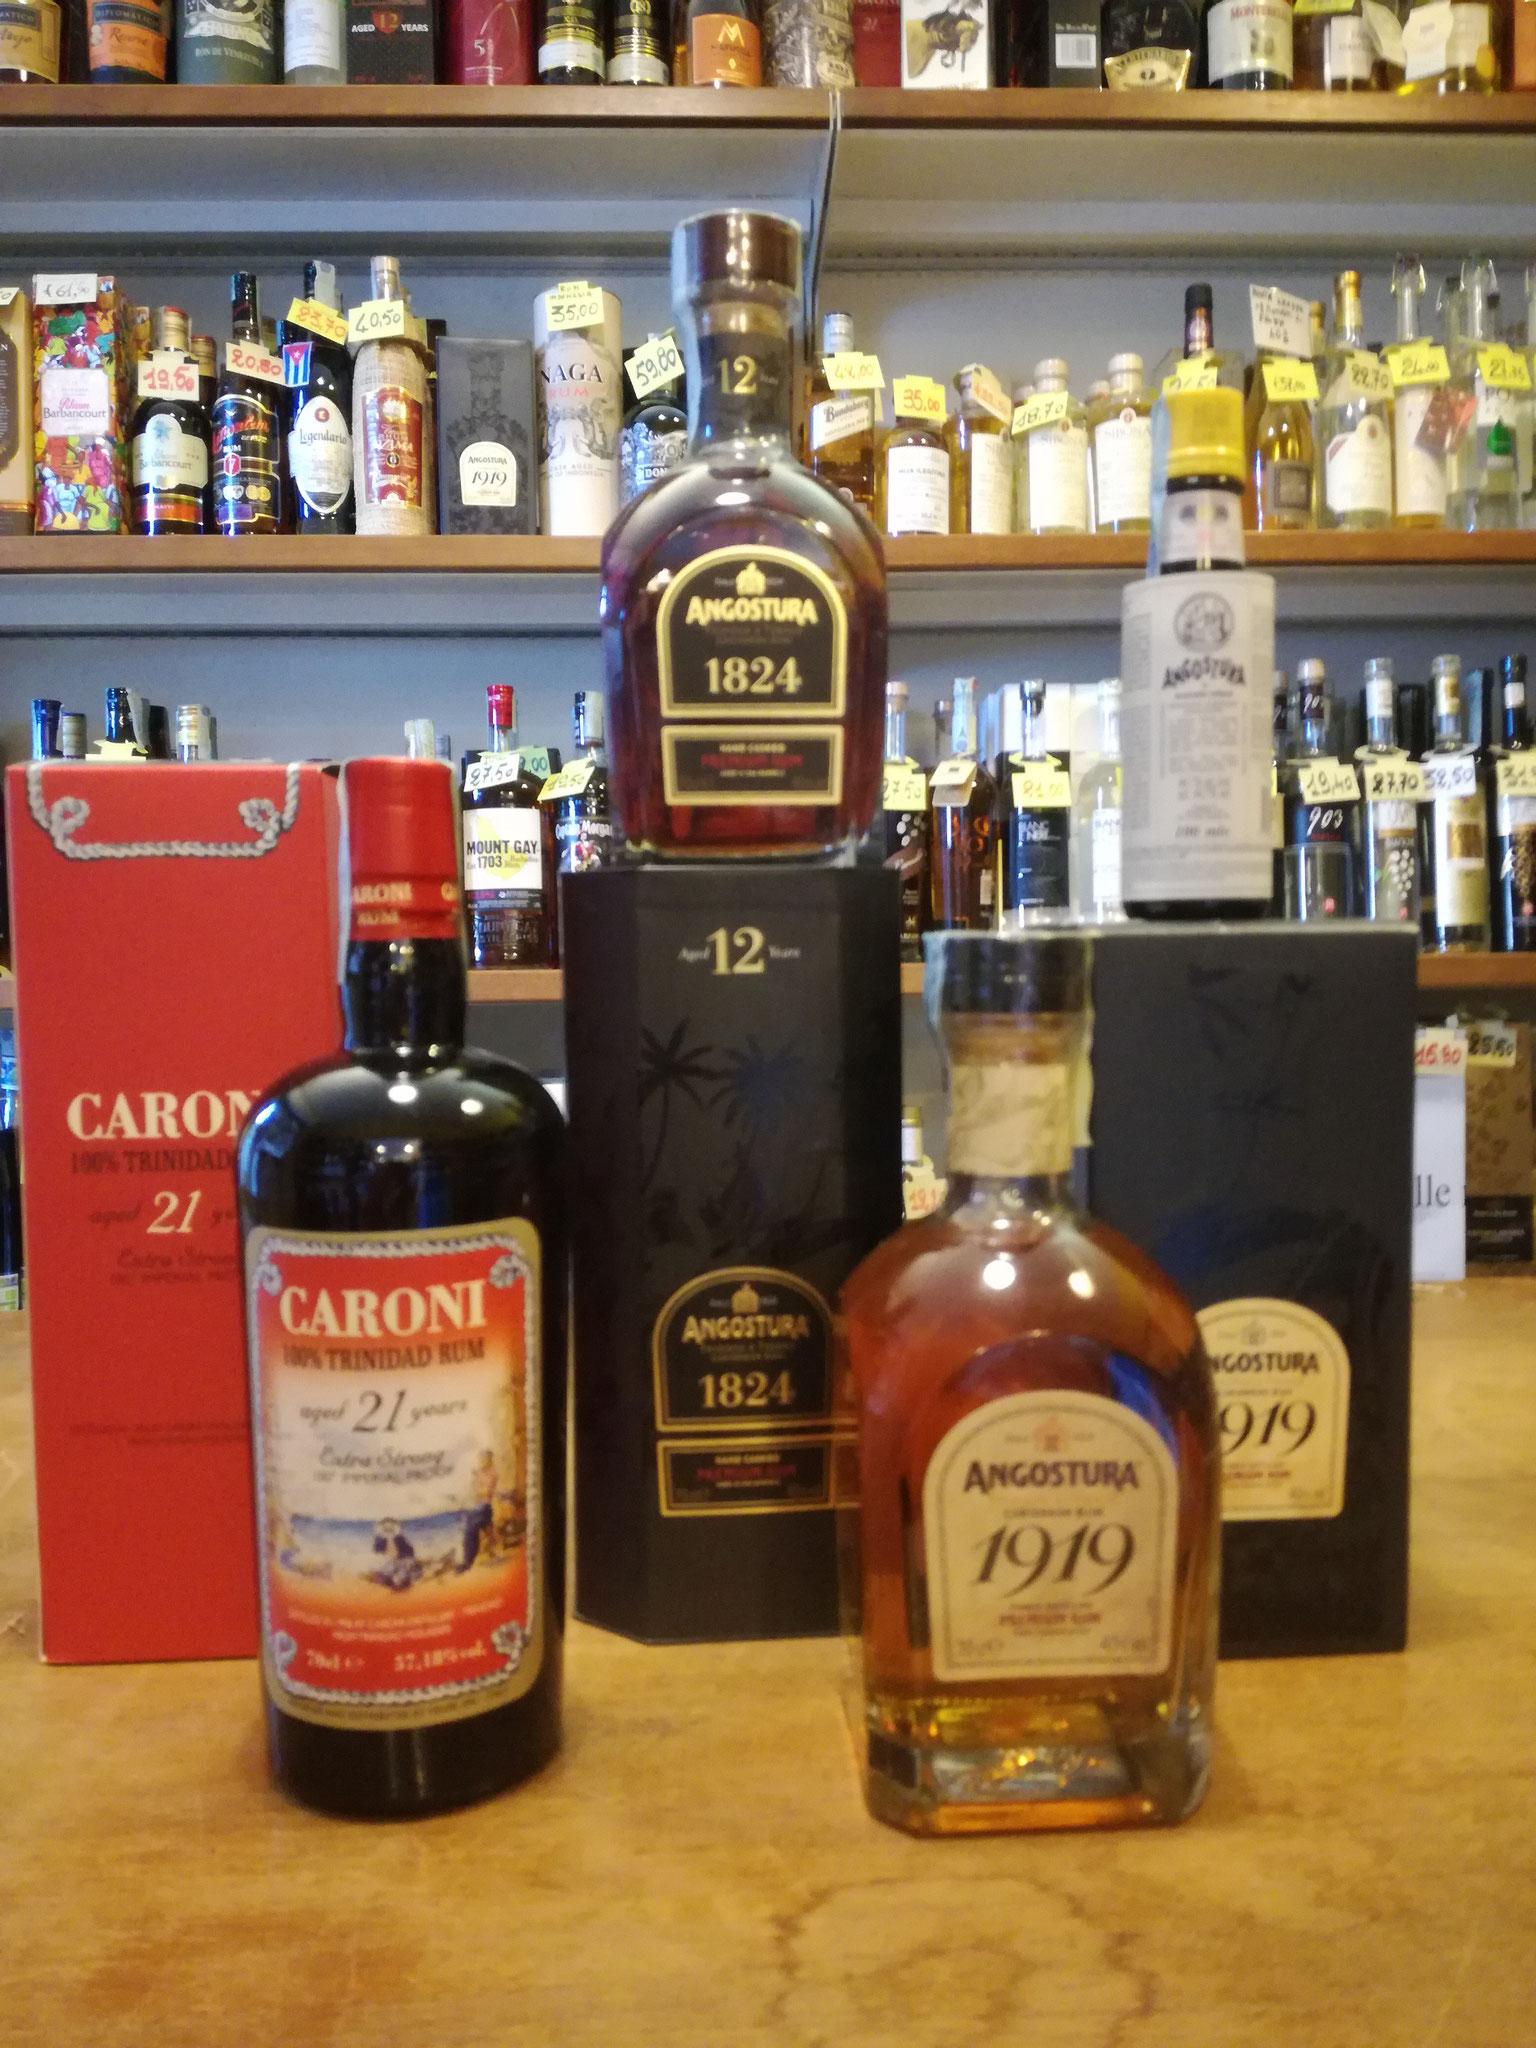 Trinidad Rum & Bitter